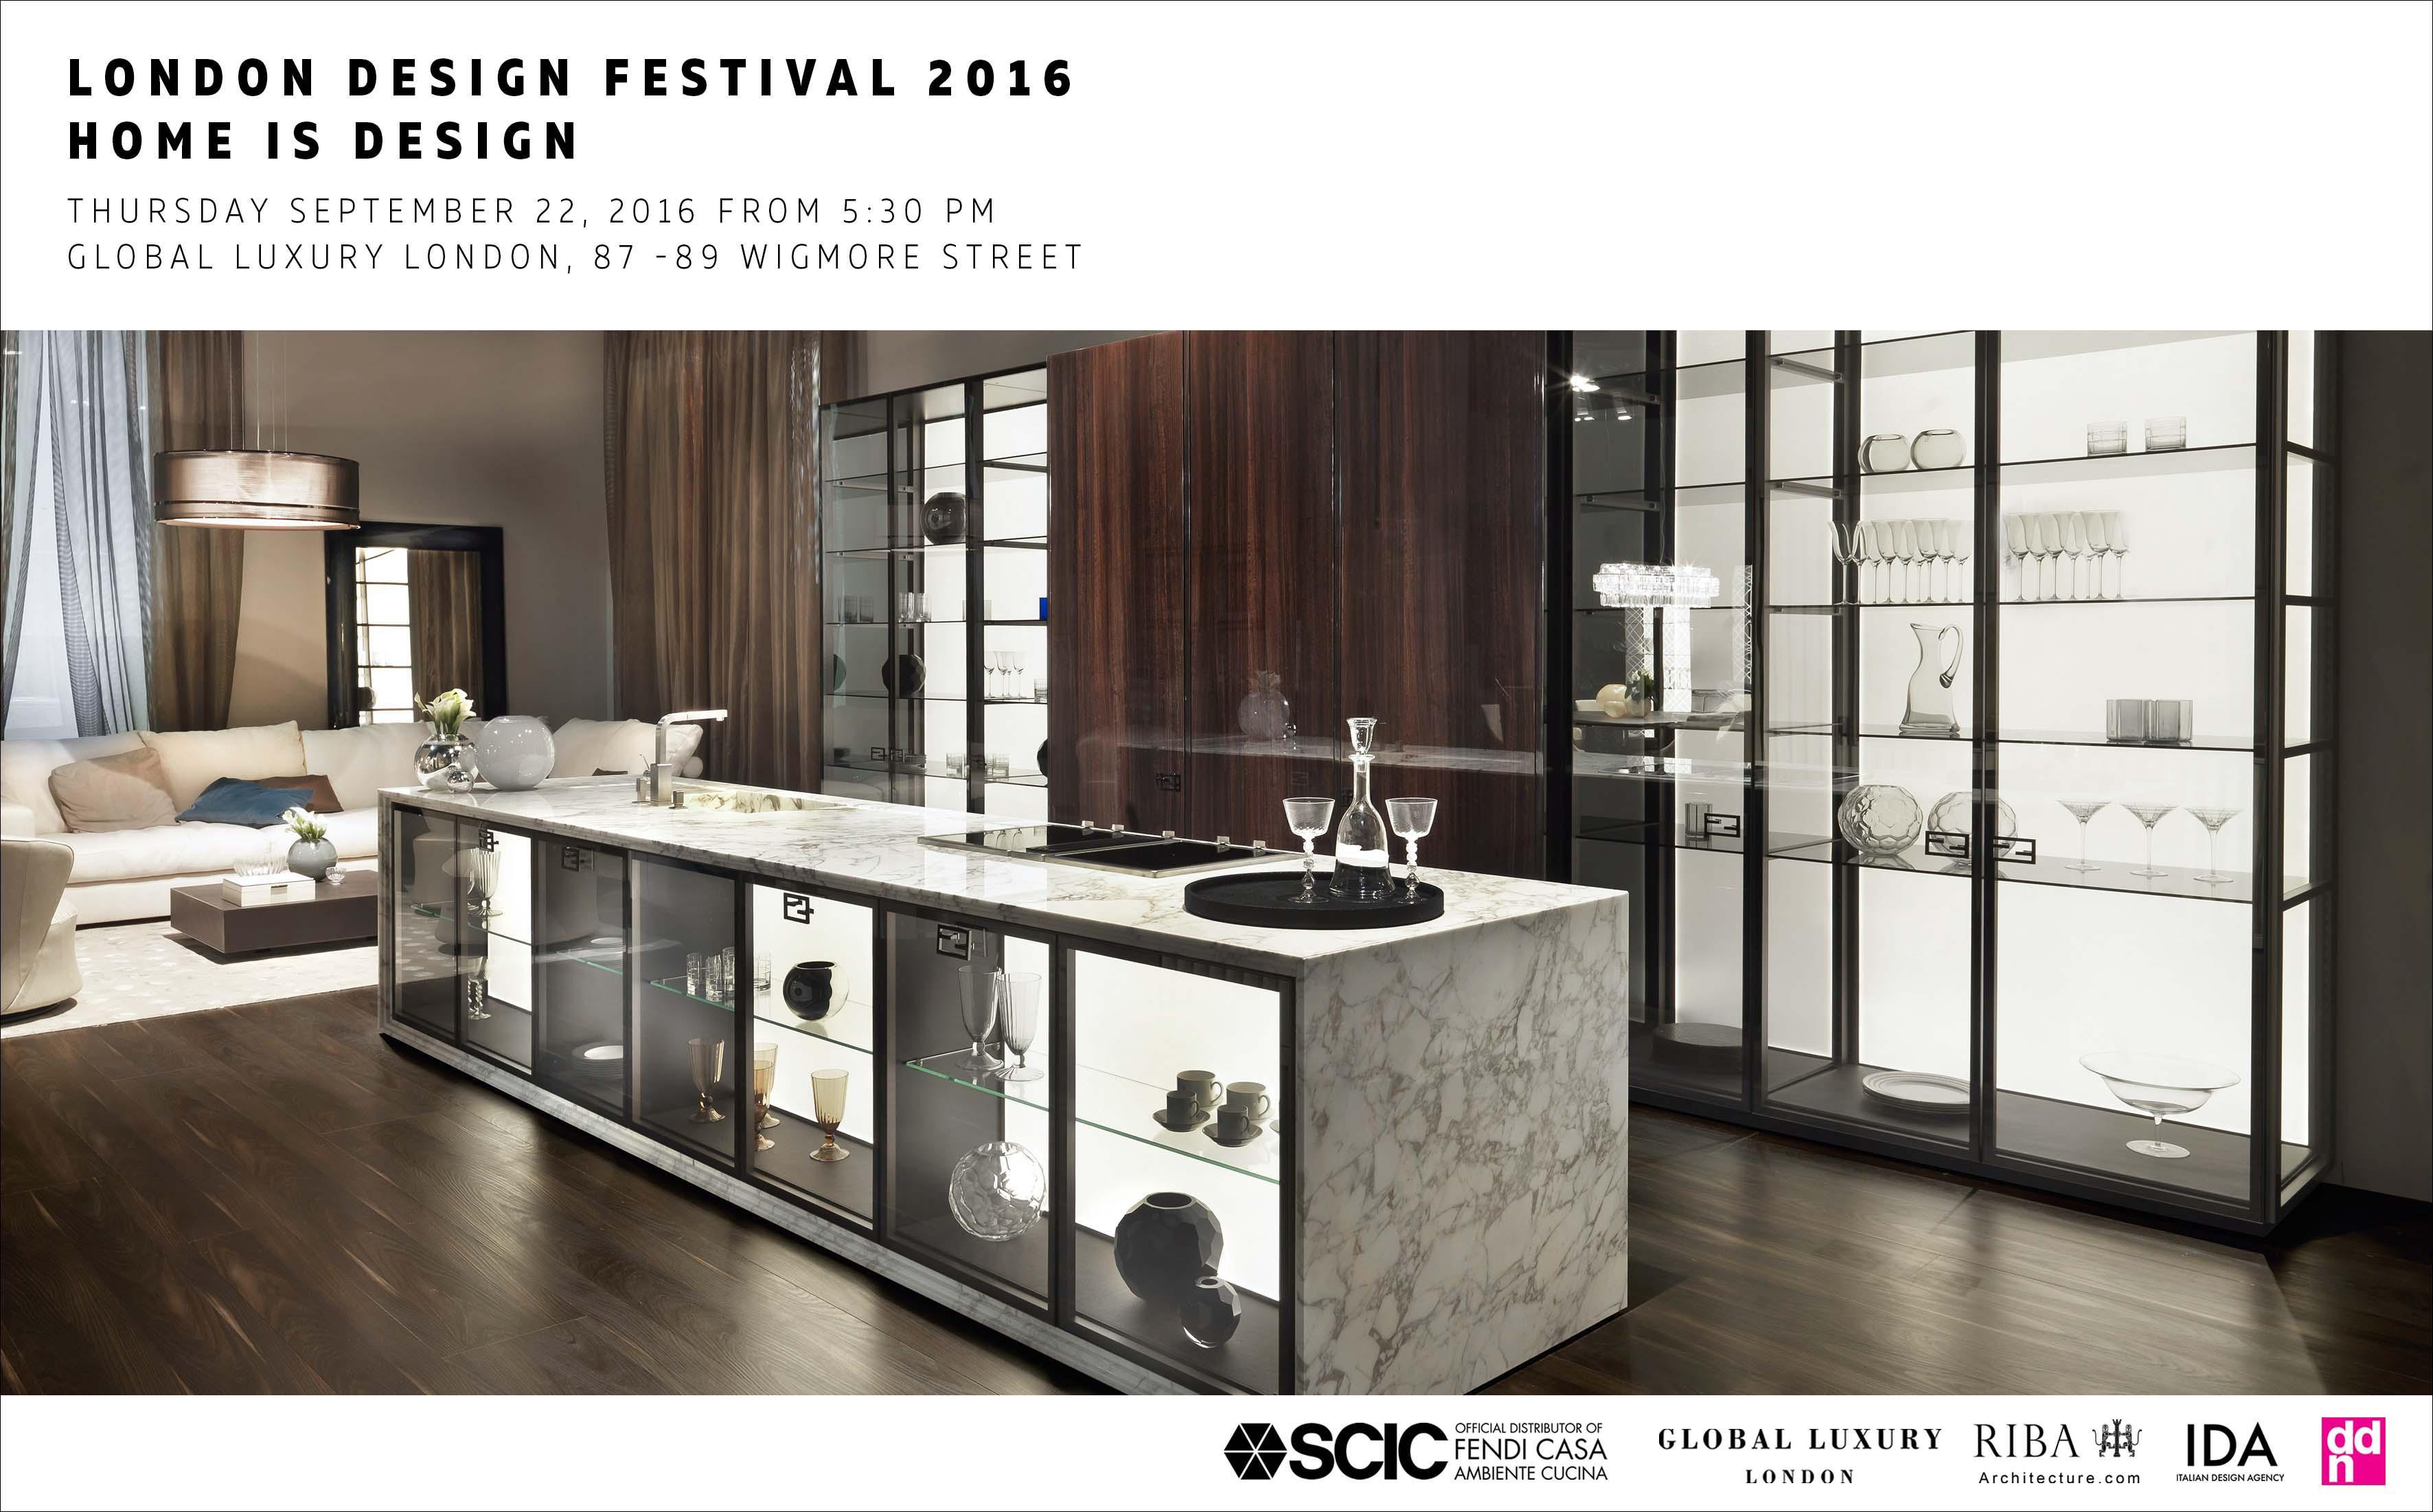 Awesome Prezzi Cucine Scic Gallery - Ideas & Design 2017 ...